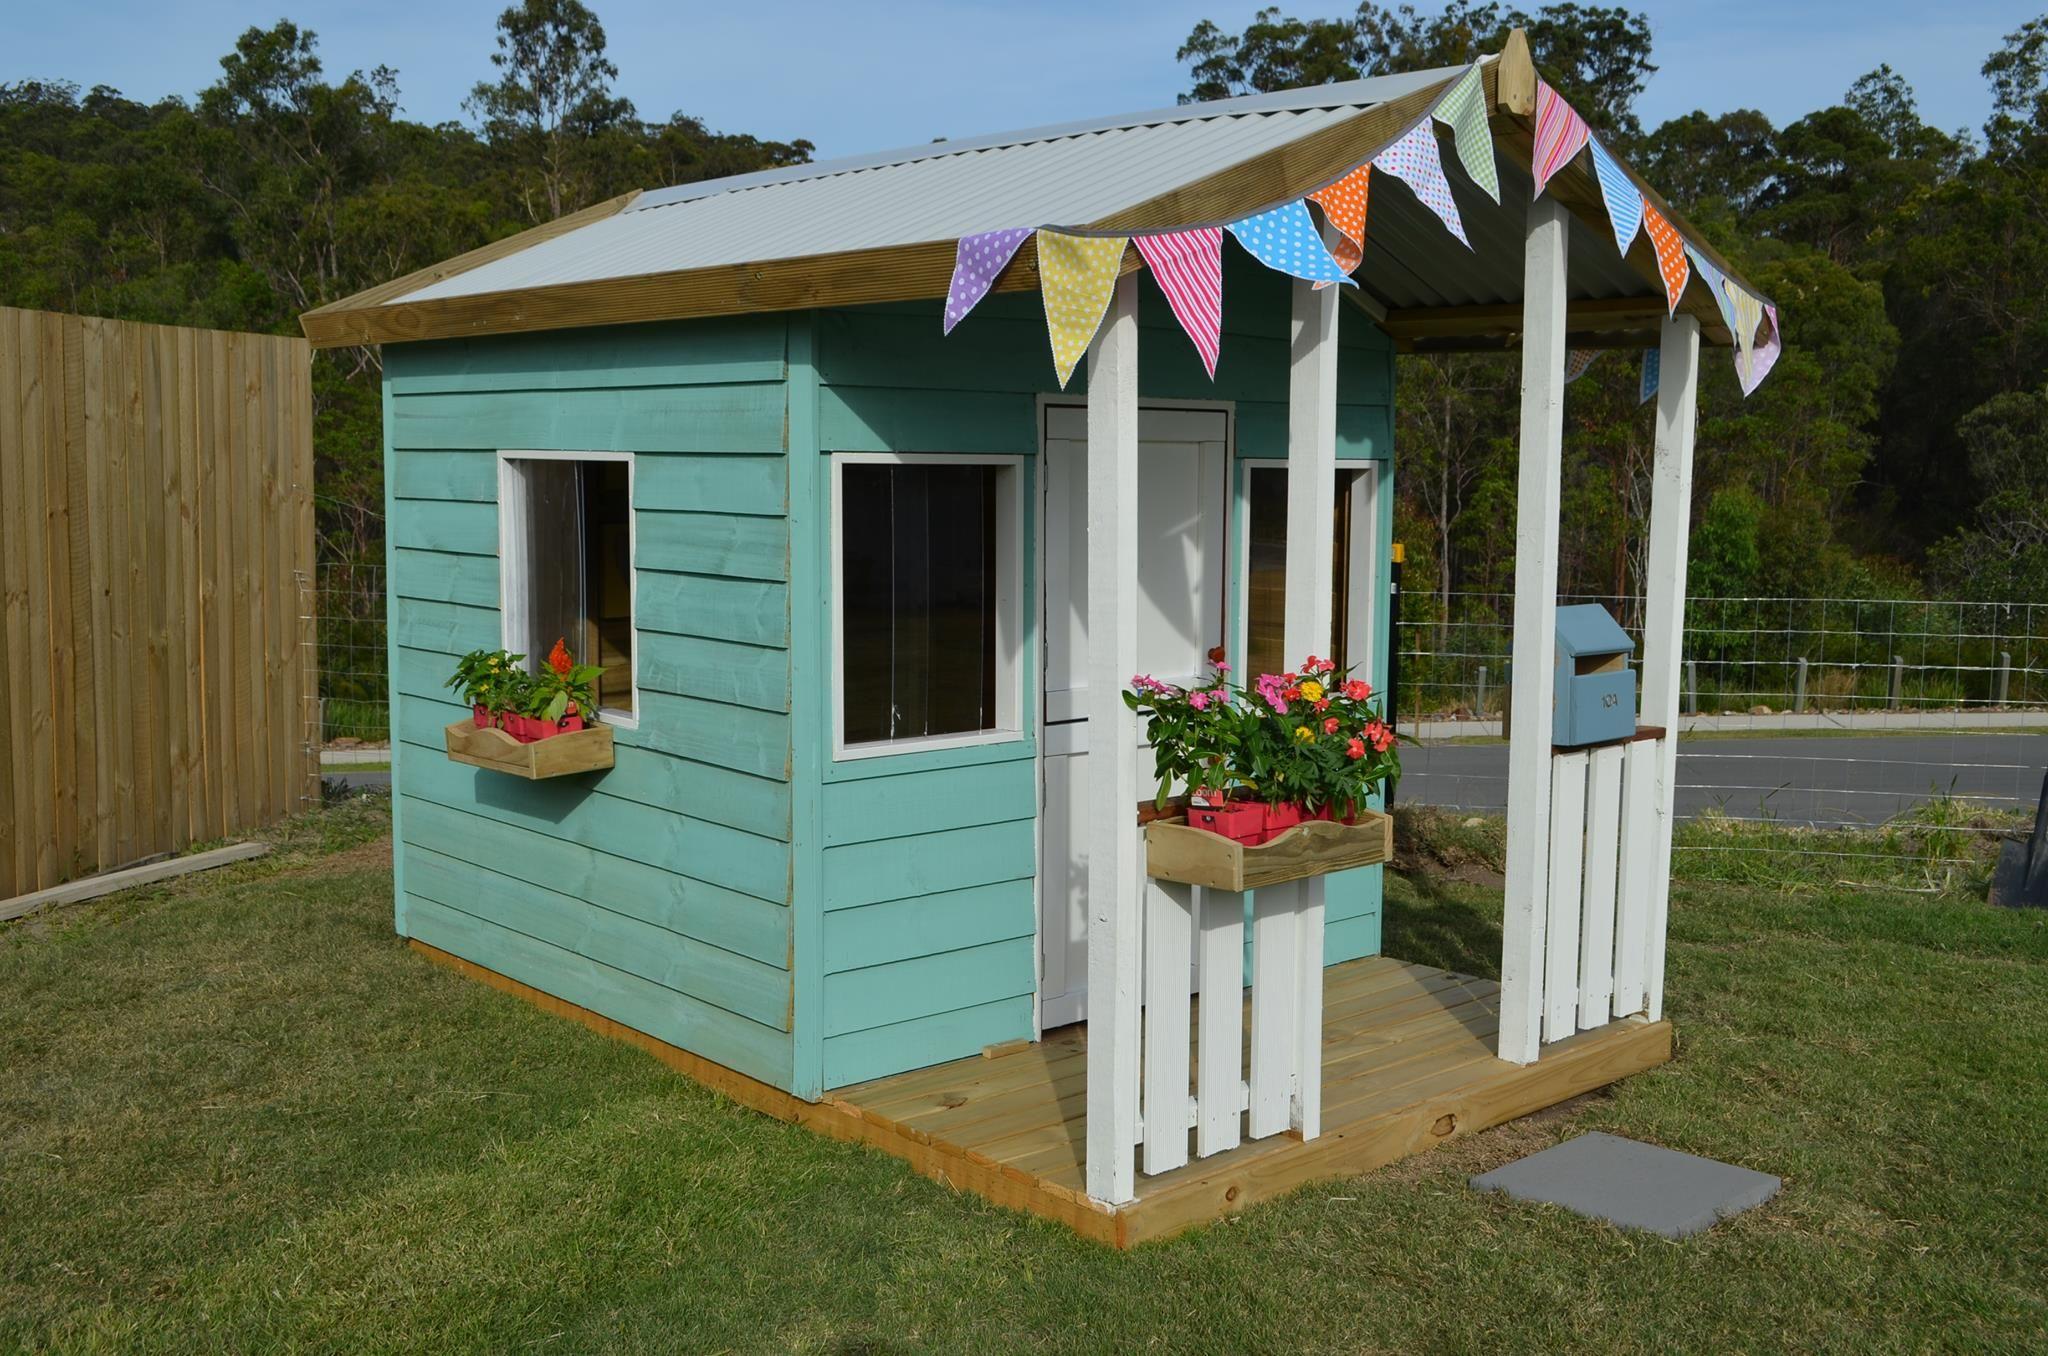 Cubby House Paint Scheme's & Design Tips